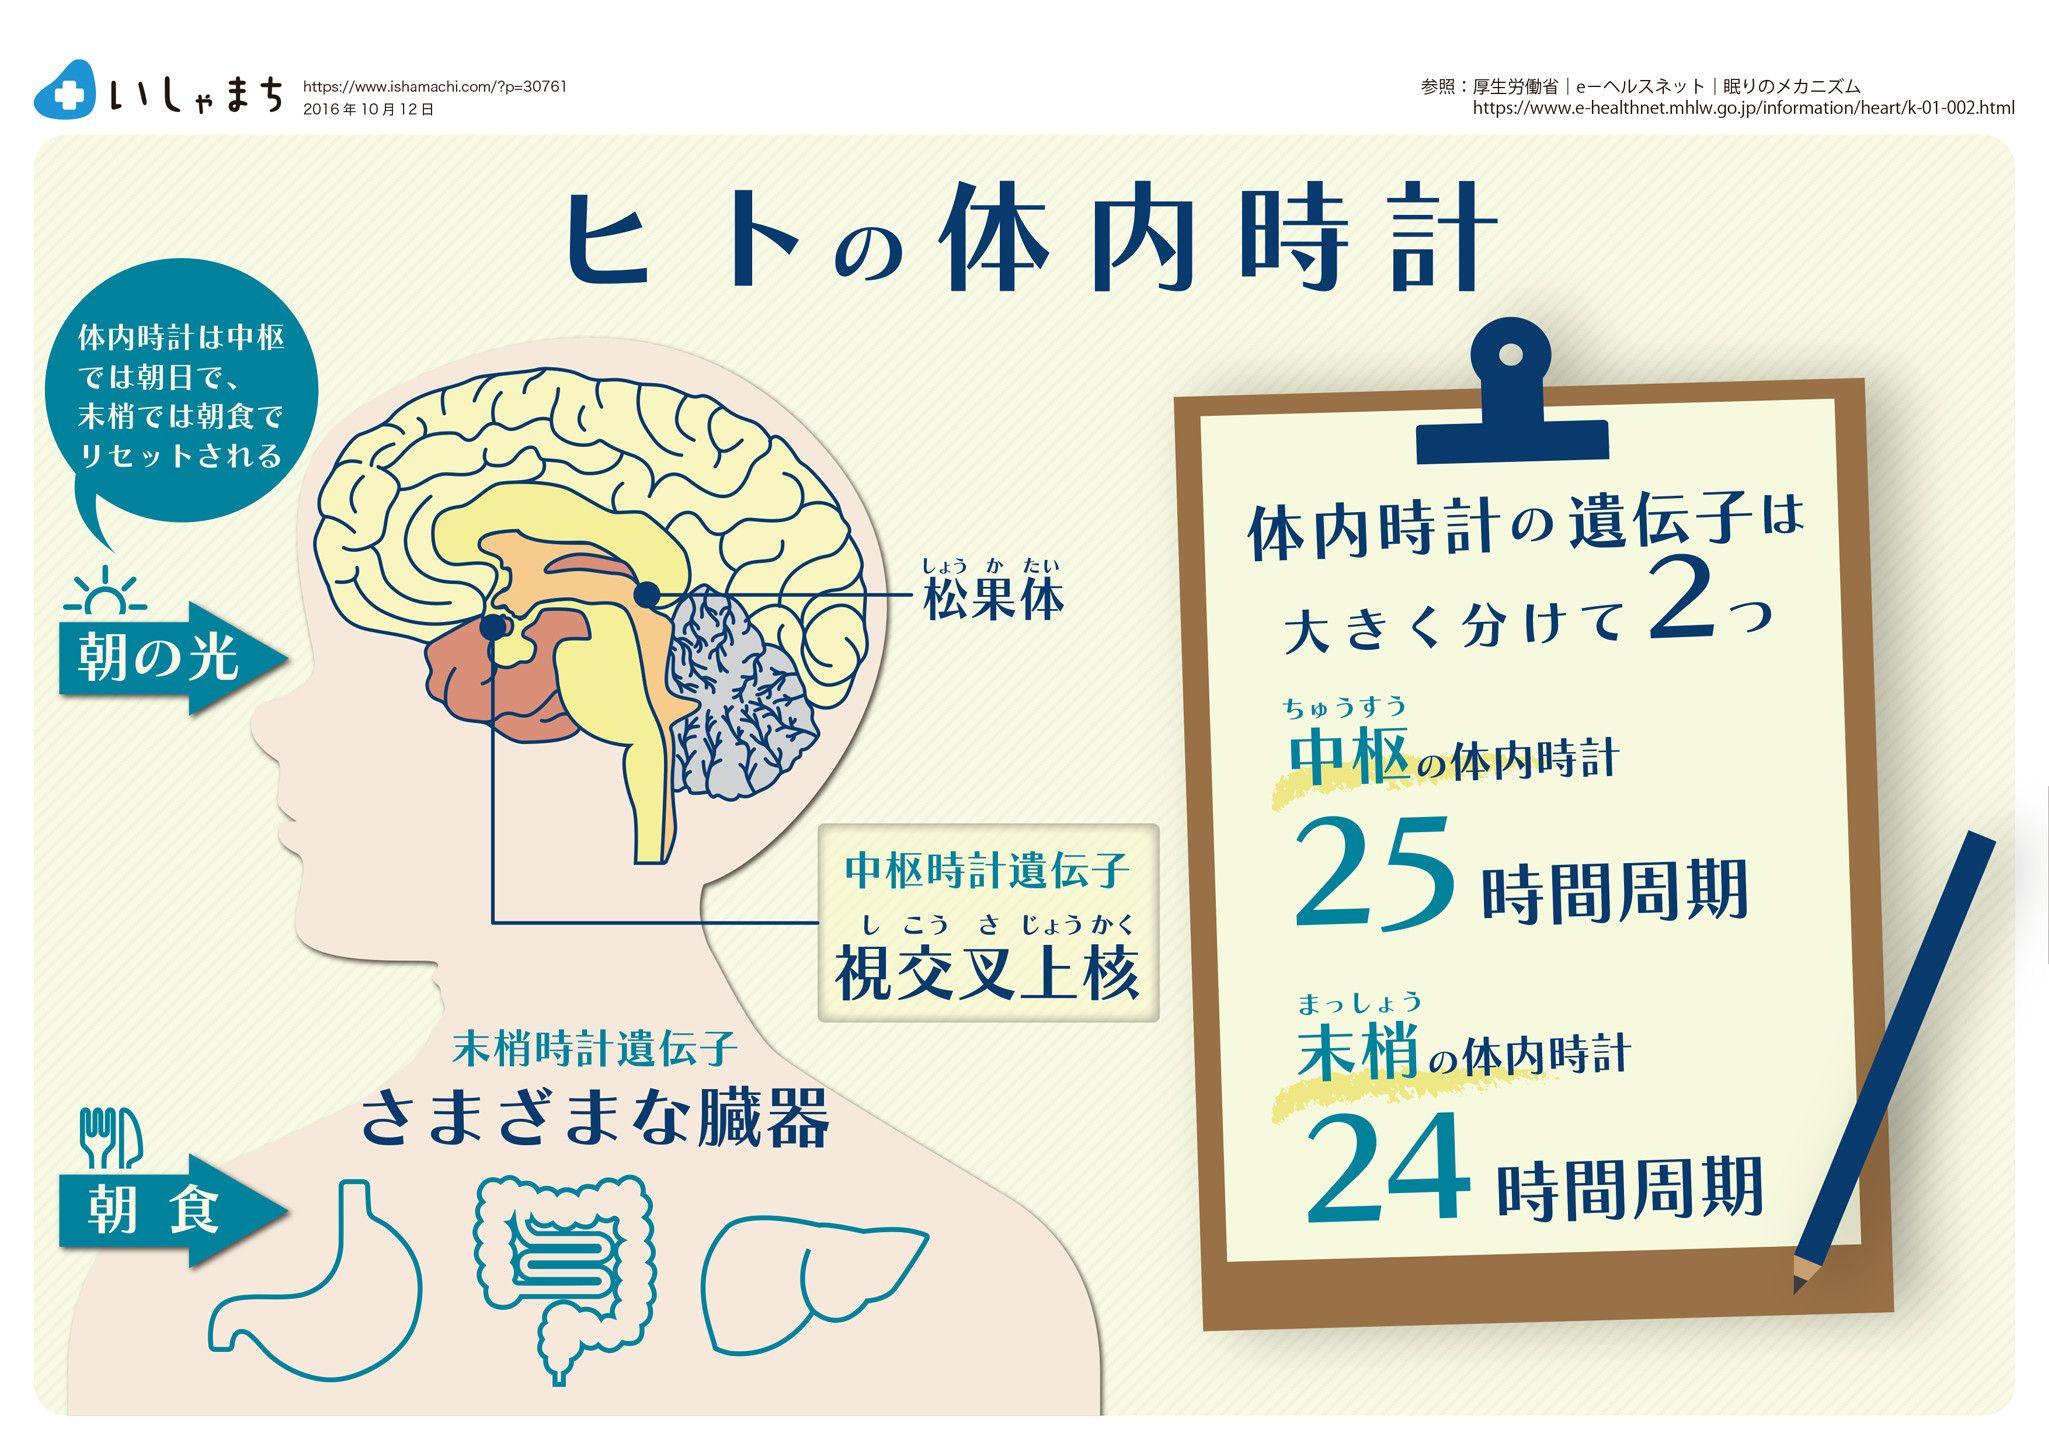 ヒトの体内時計 Infographics パンフレット デザイン ストレッチ ヨガ 健康と美容